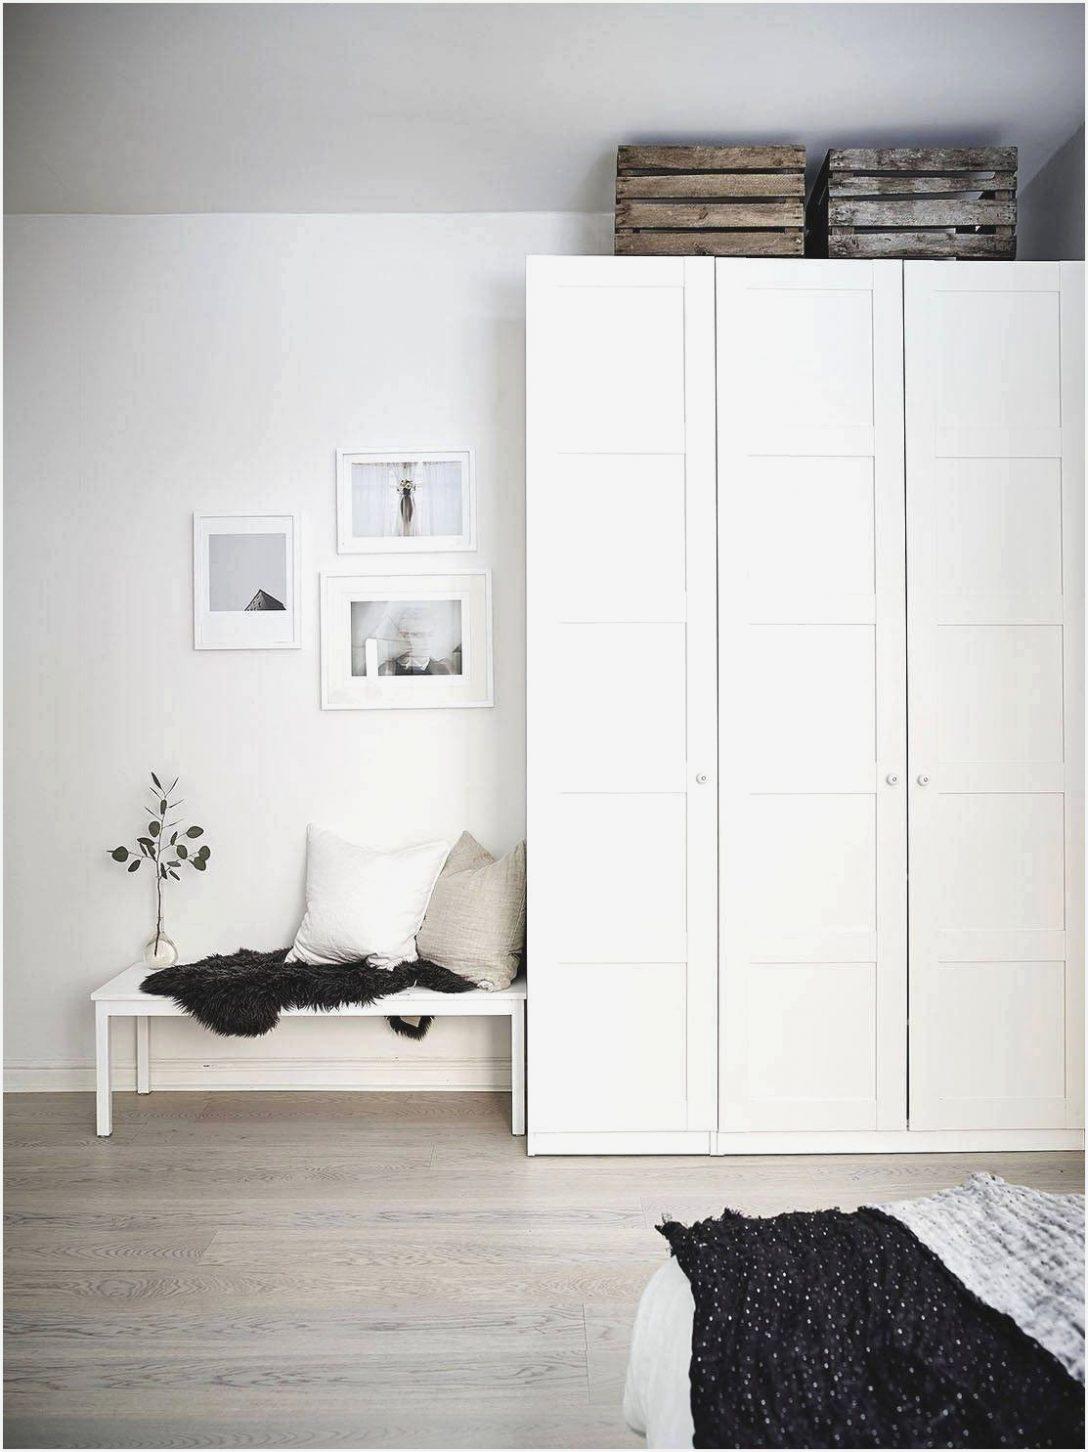 Large Size of Schrankbett Ikea Preis 180x200 Vertikal 140 X 200 Kaufen Selber Bauen 90x200 Bei Hack Schweiz Schlafzimmer Bett Mei 2019 Sofa Mit Schlaffunktion Betten Wohnzimmer Schrankbett Ikea